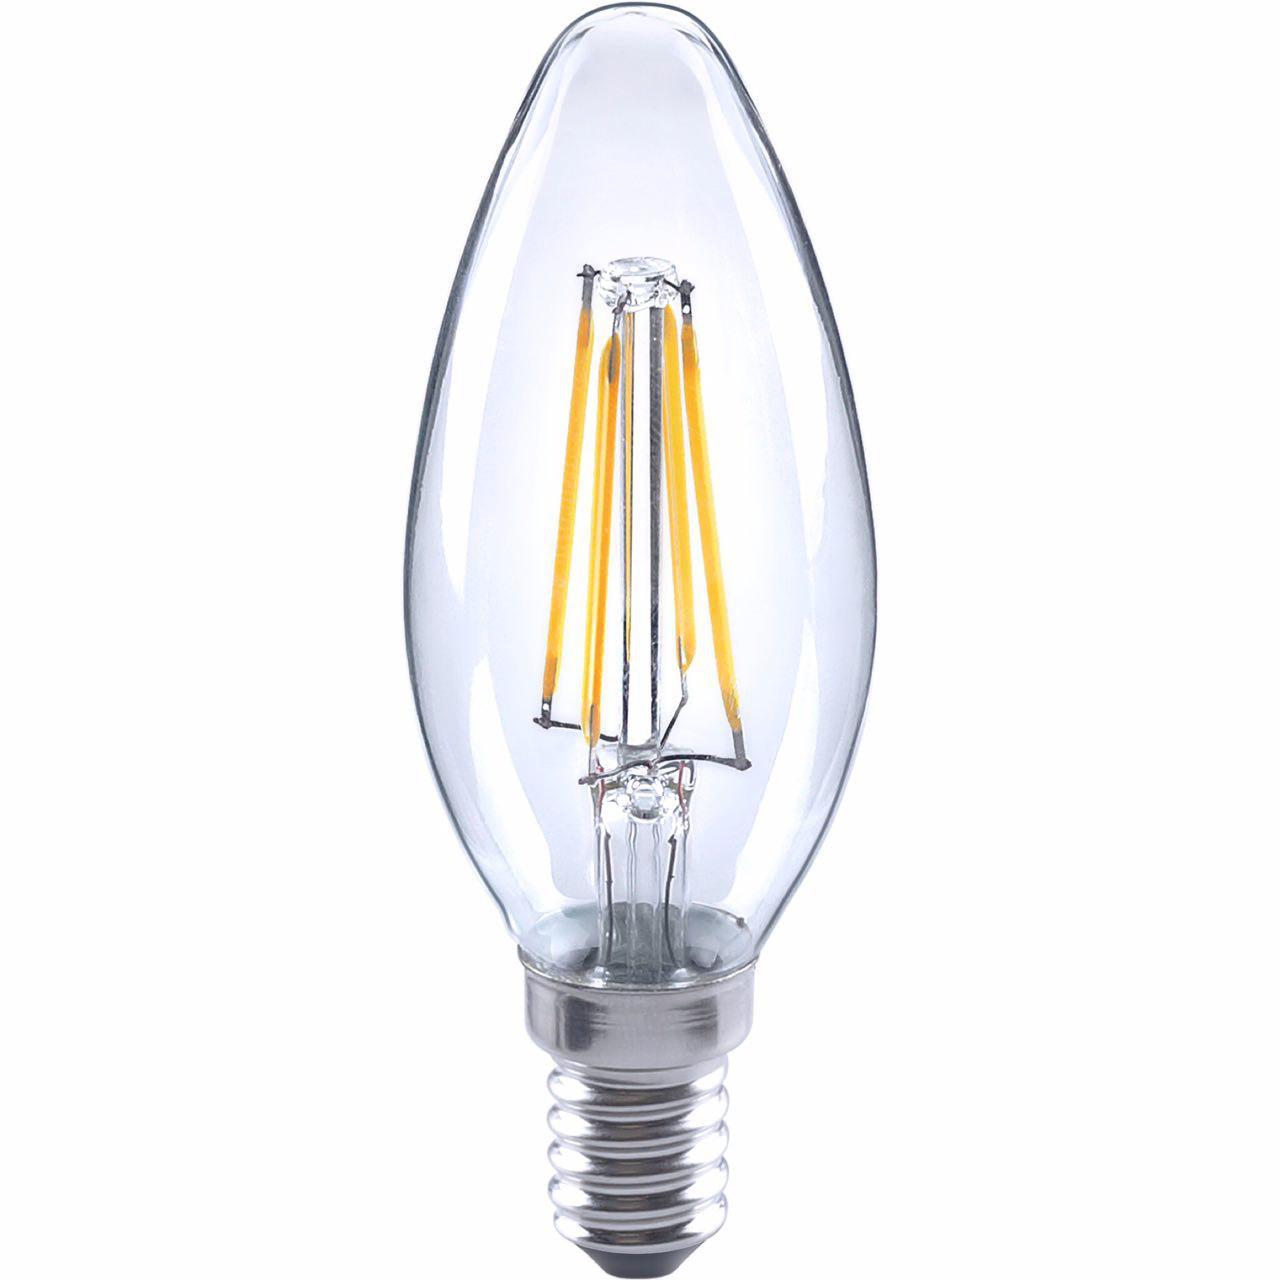 لامپ فیلامنتی شمعی 4 وات AEG مدل FL-C35